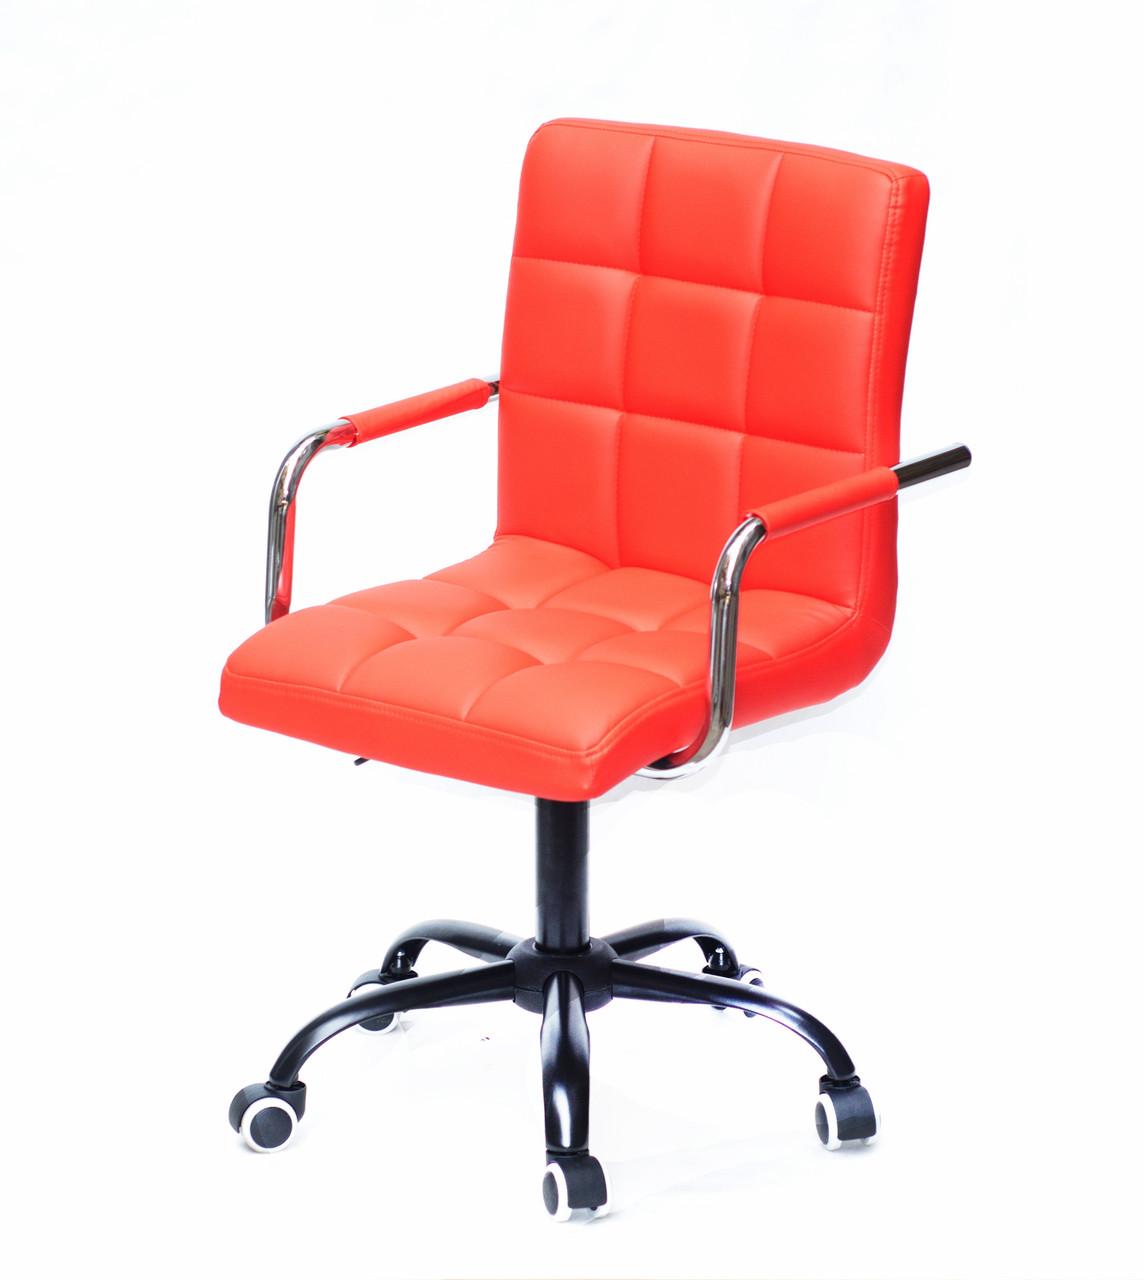 Розкішне червоне крісло AUGUSTO - ARM BK-OFFICE в еко-шкірі на коліщатках на чорному підставі